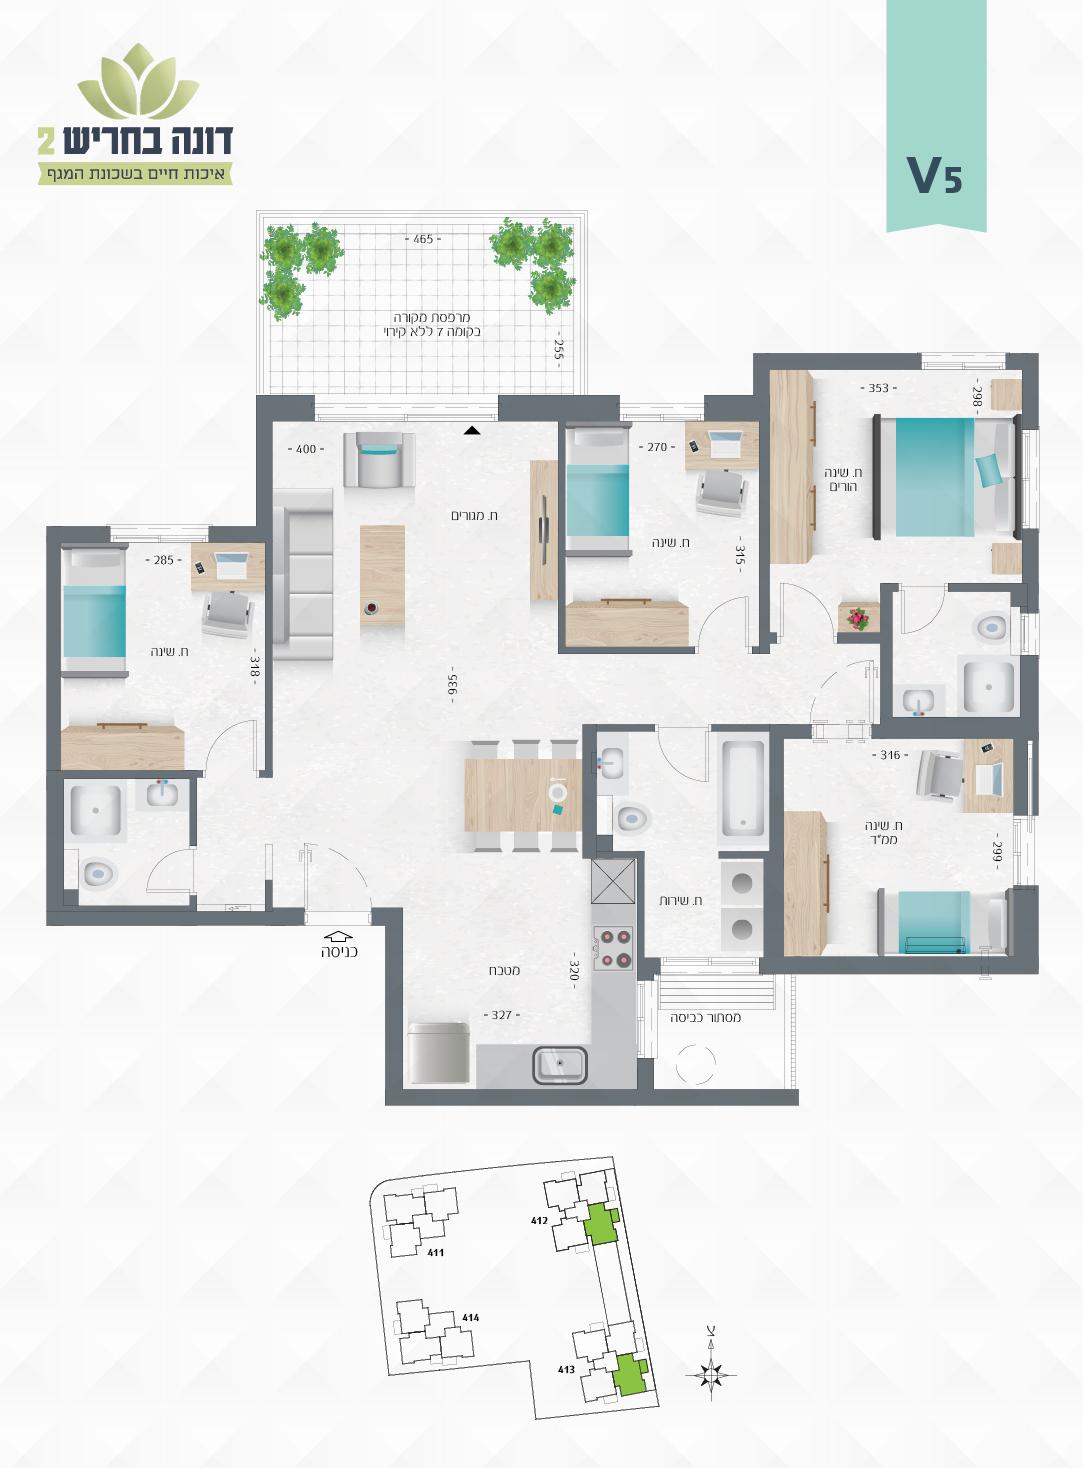 V5 2 דונה בחריש, דירות חדשות בחריש- תכנית דירה